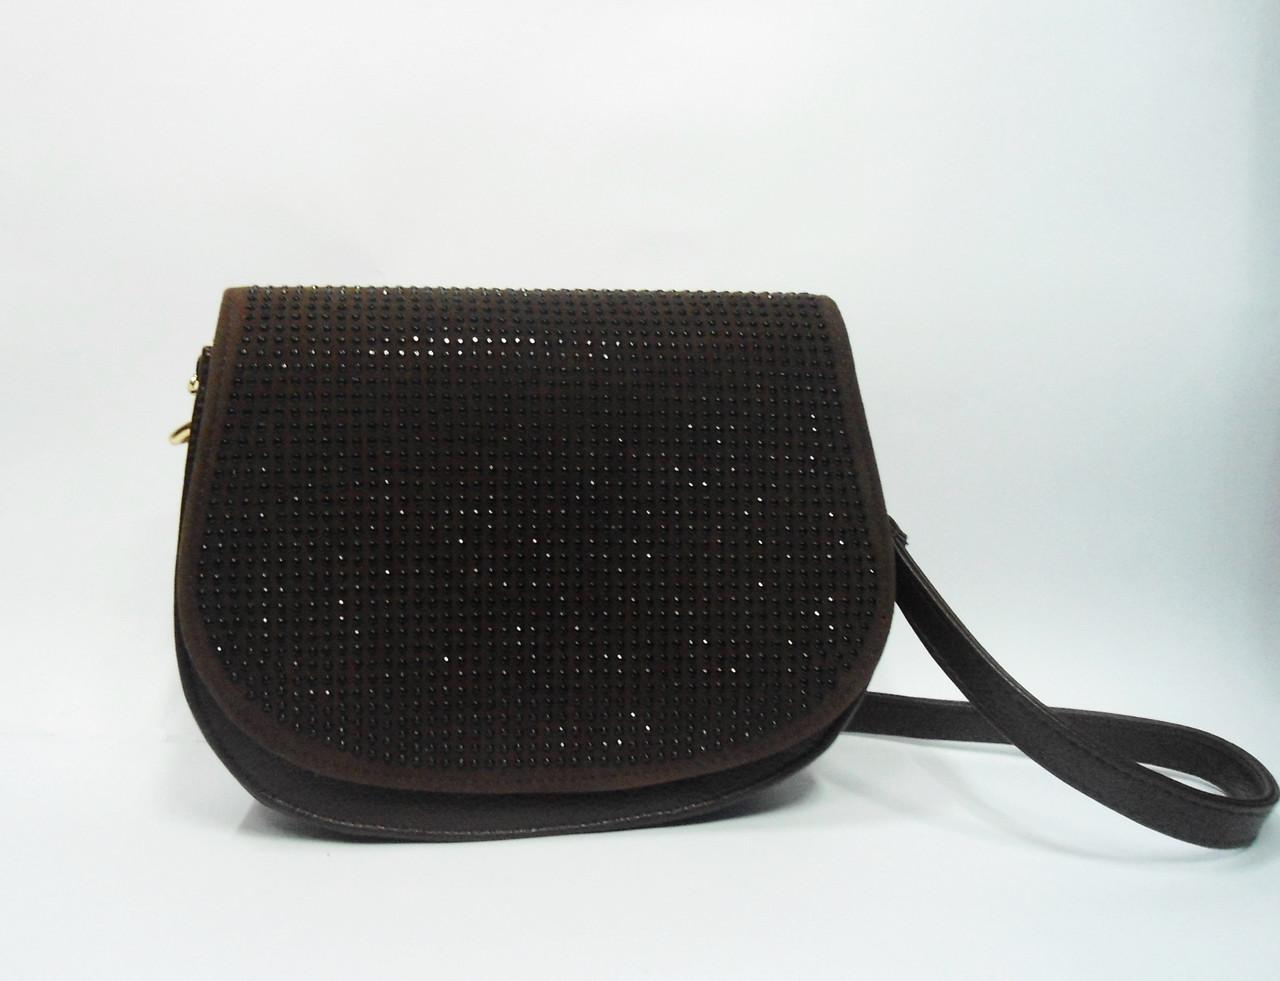 Клатч женский полукруглый коричневый с камешками на плечо - Интернет-  магазин